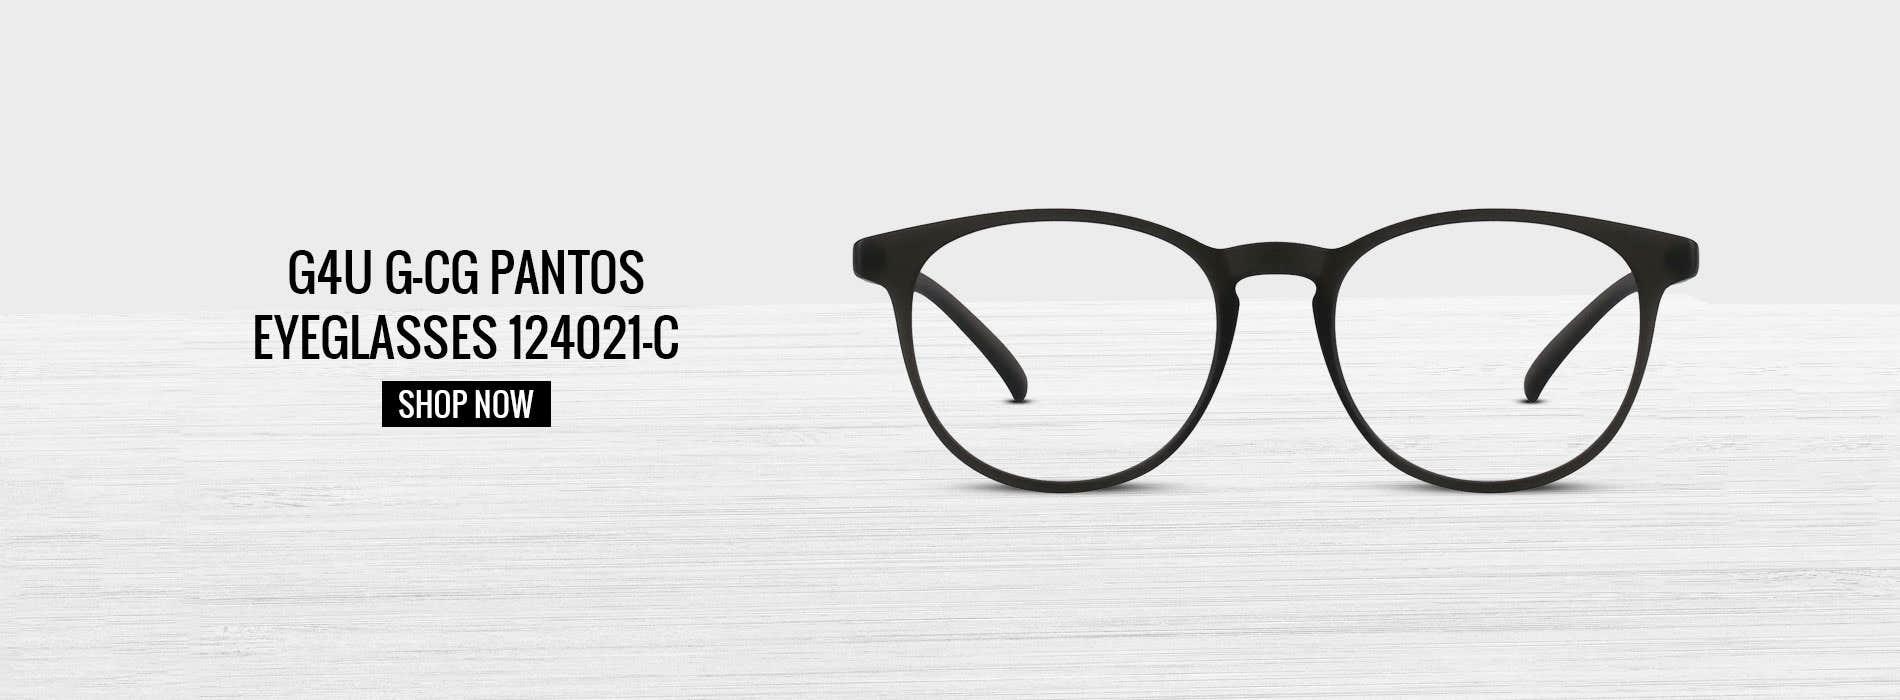 Buy Pantos Eyeglasses